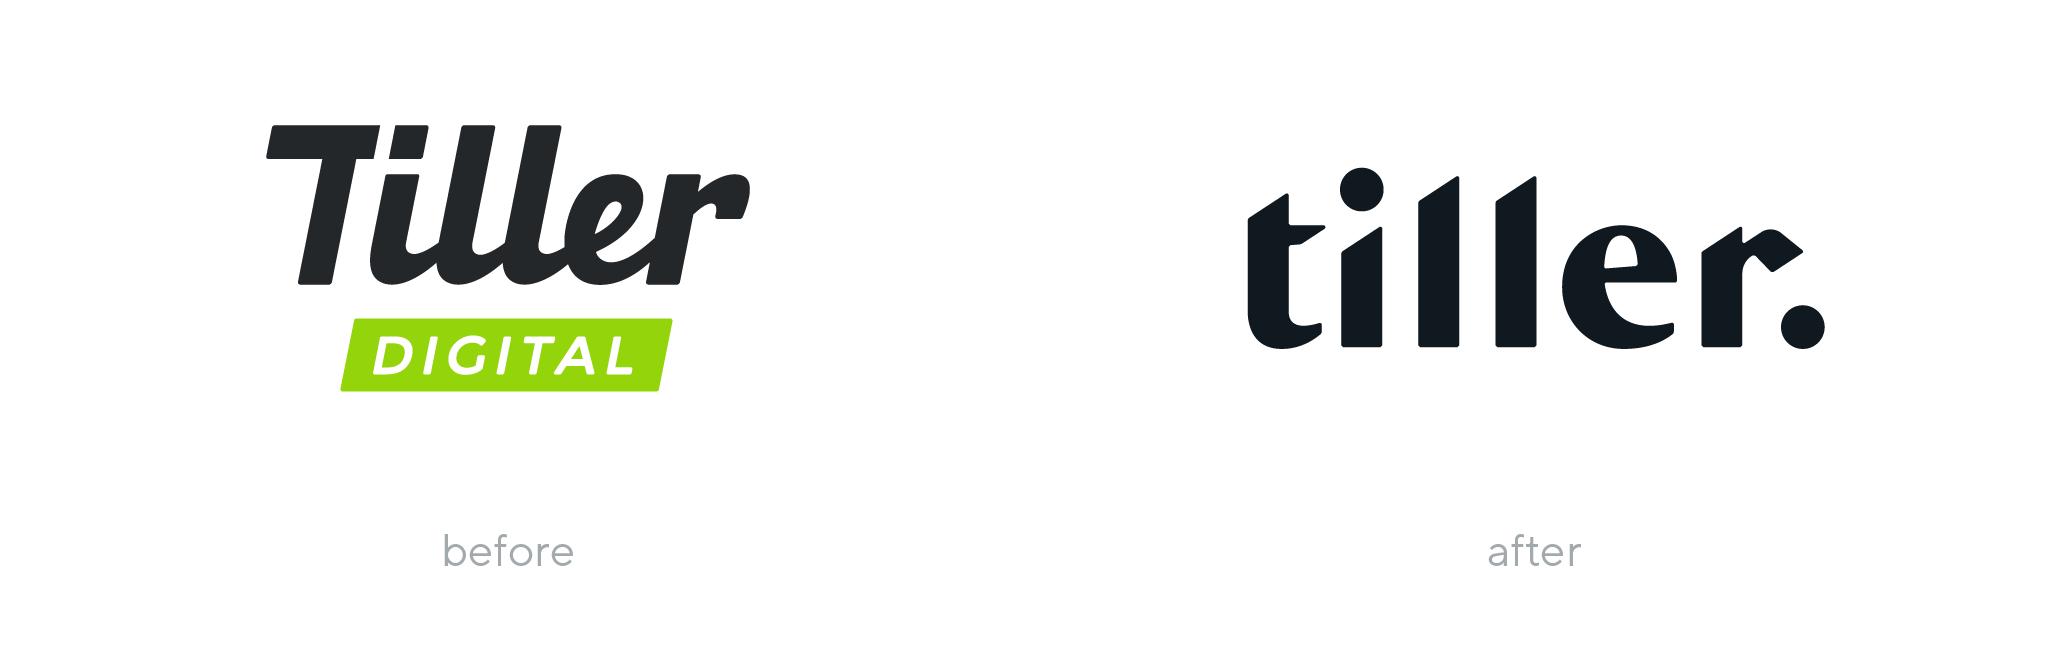 Tiller logo before and after rebranding